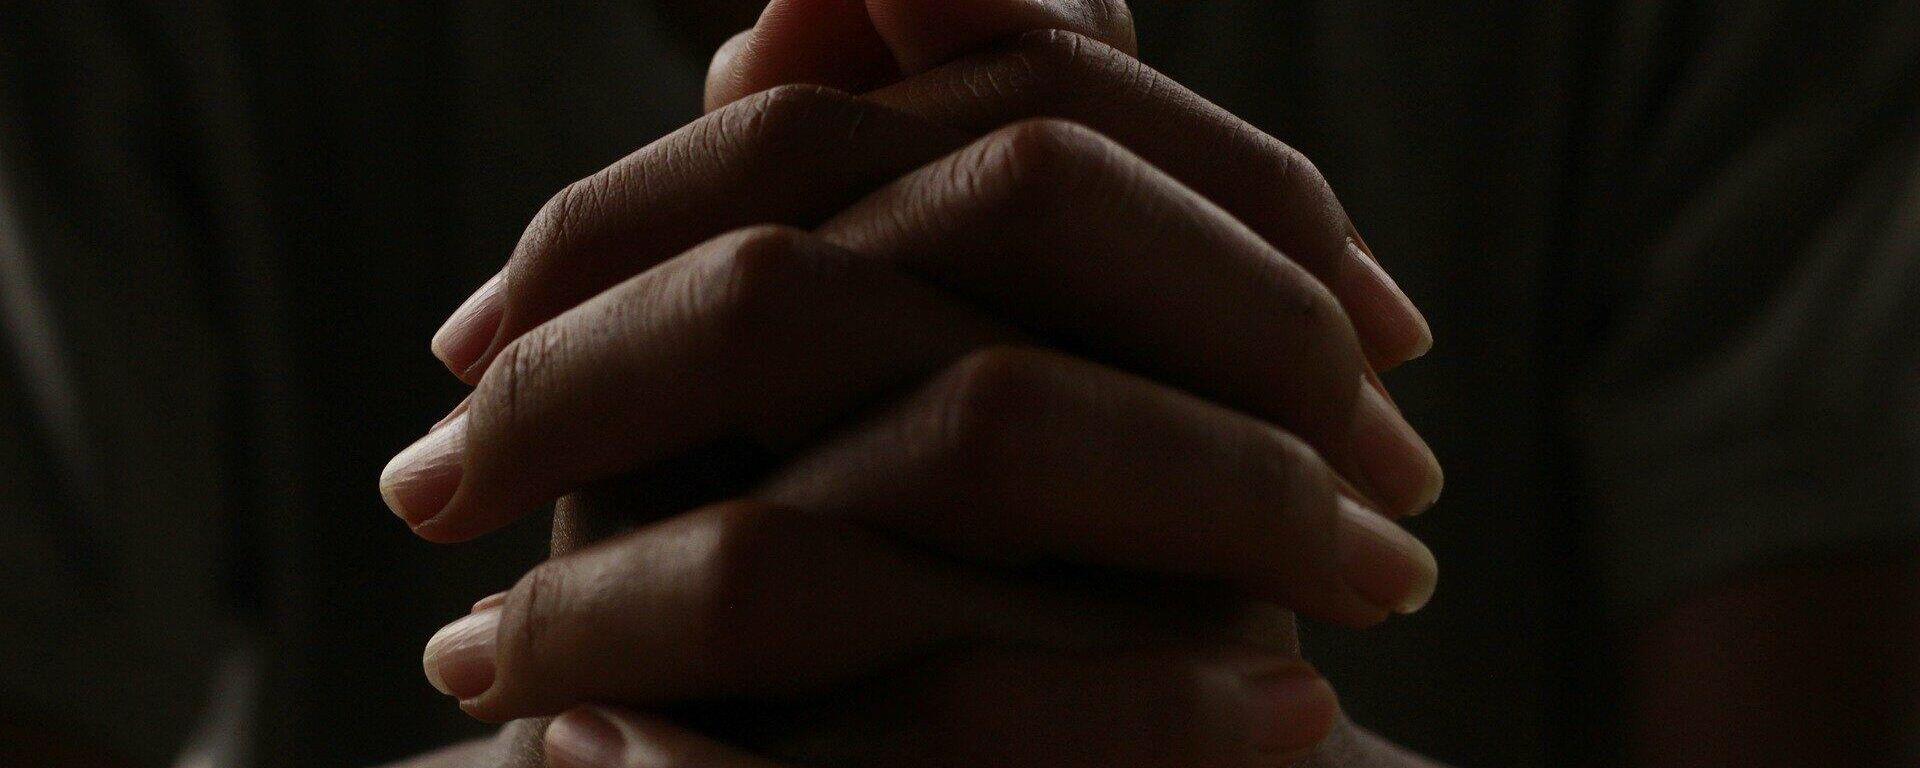 Una persona rezando con las manos entrelazadas - Sputnik Mundo, 1920, 03.03.2021